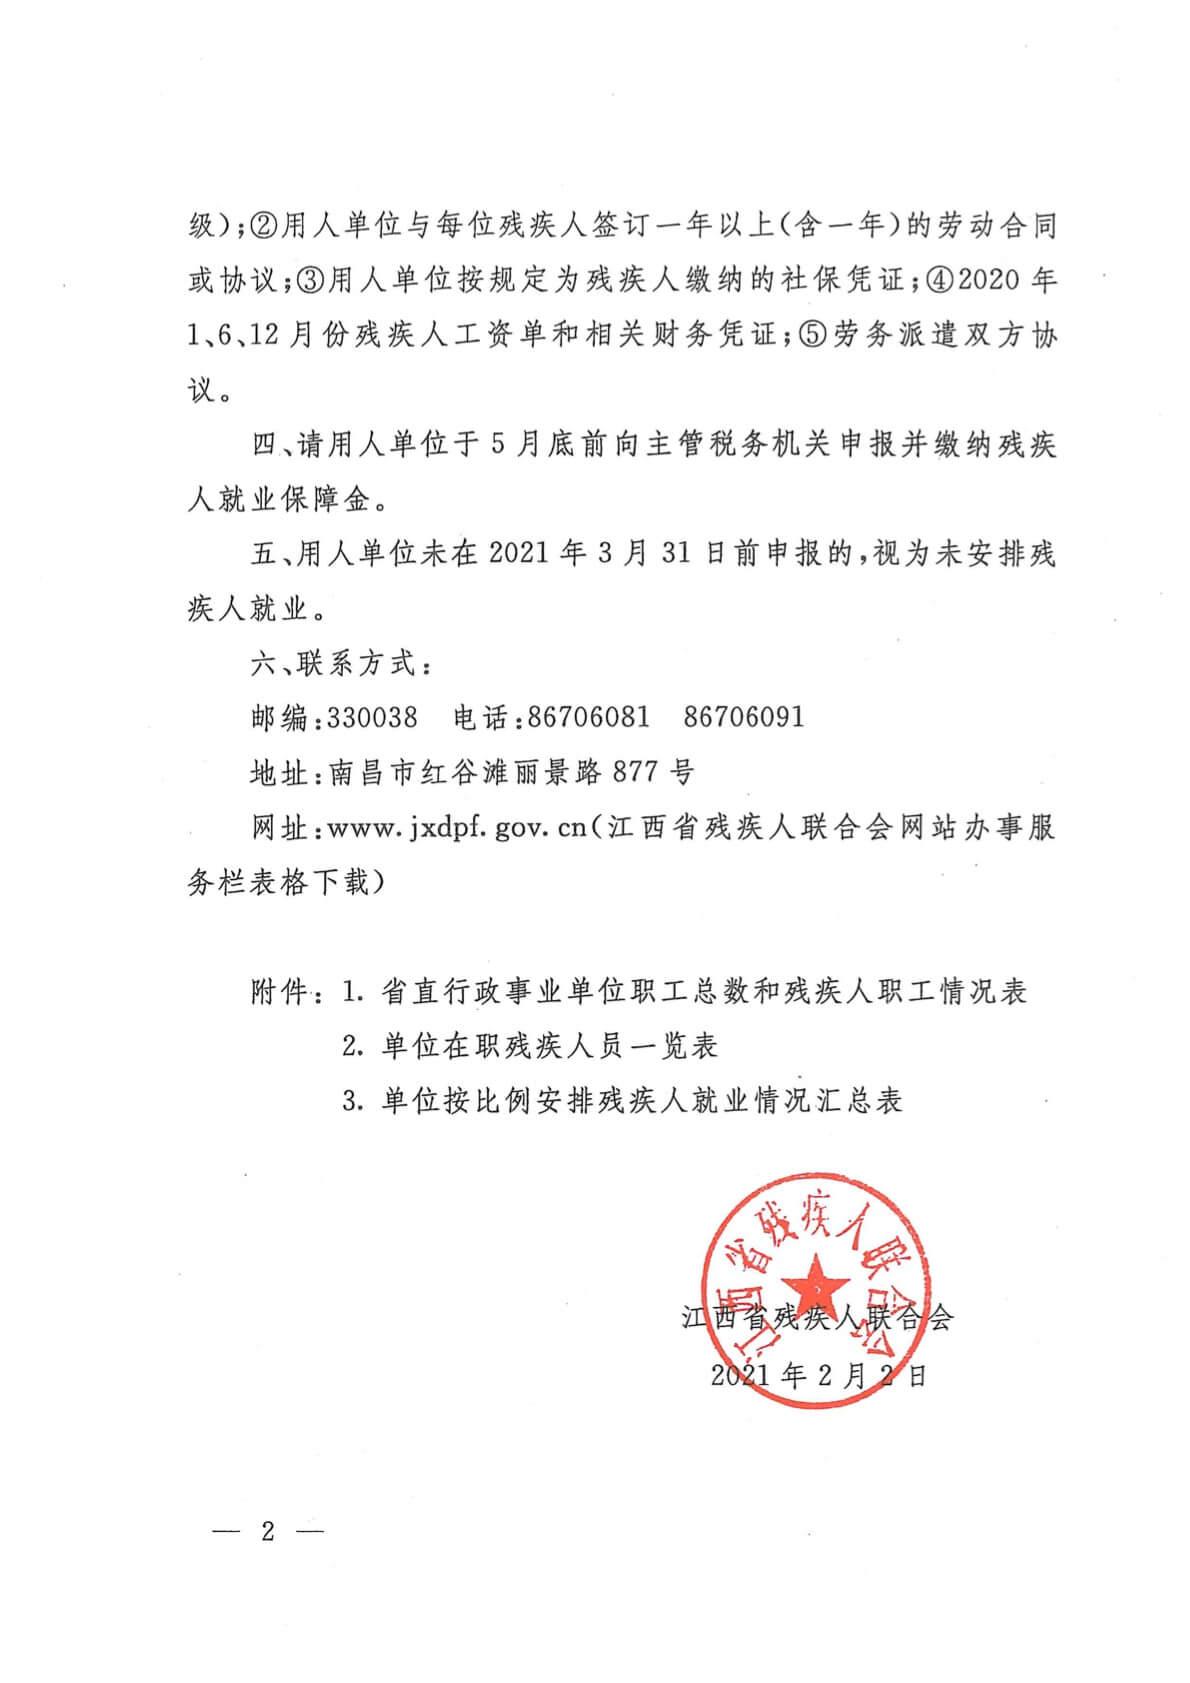 江西省残联《关于开展2020年度残疾人就业情况调查的通知》插图(1)